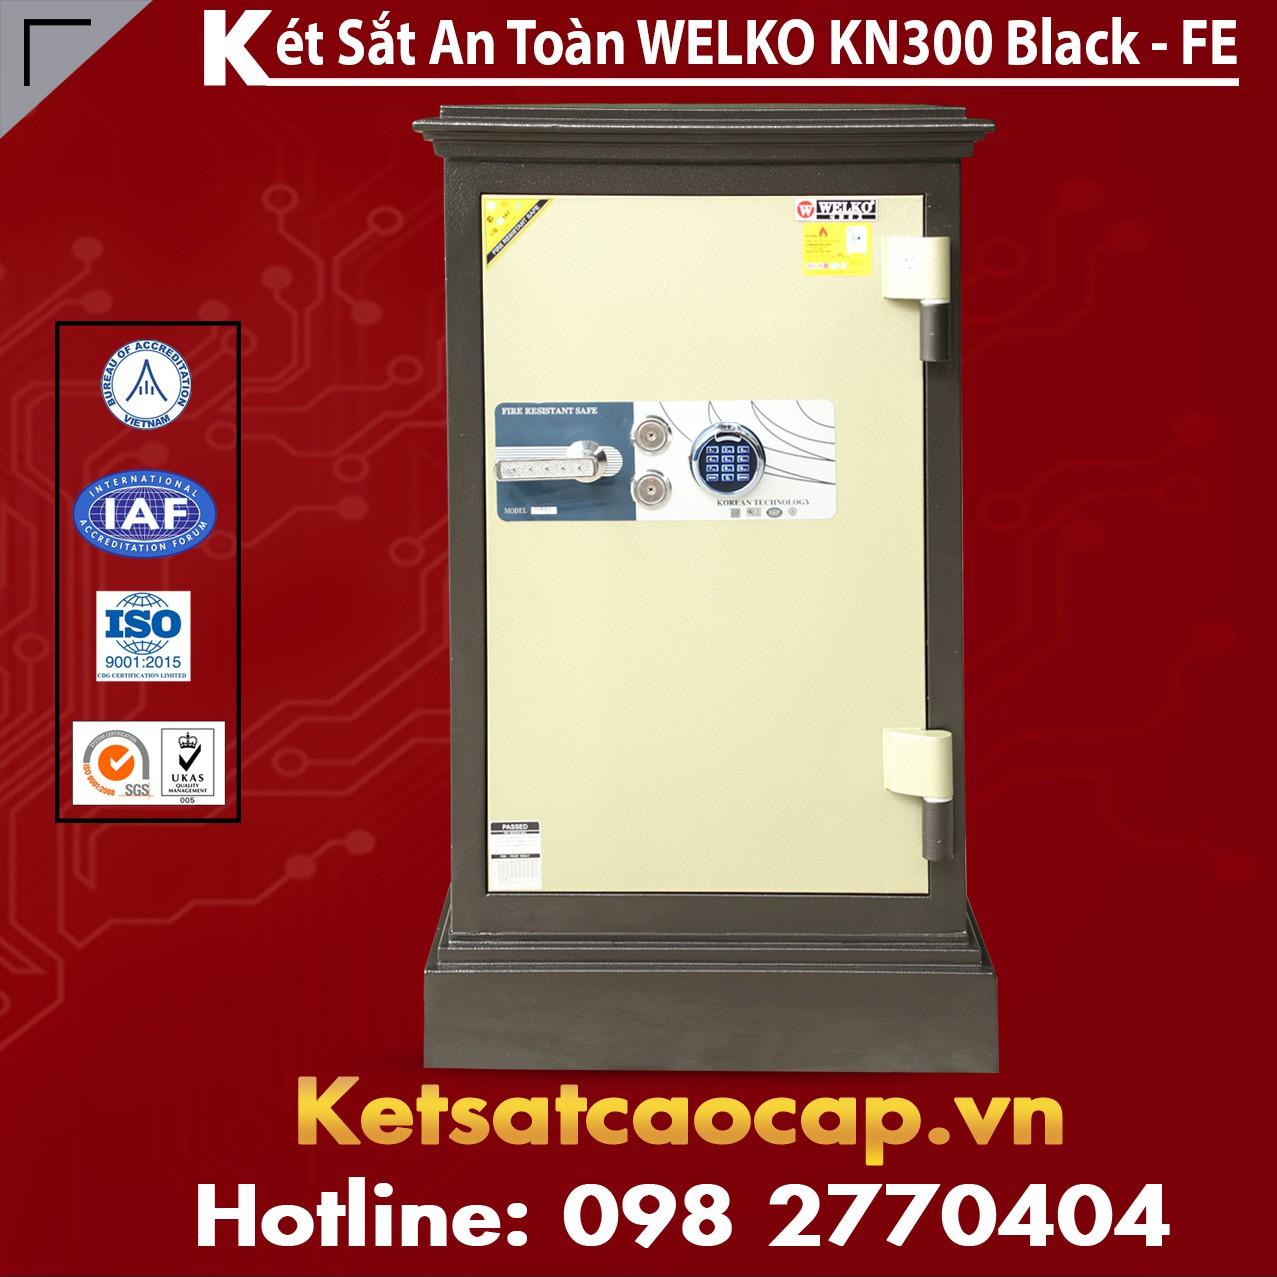 Két Sắt Nhật Bản KN300 Black - FE